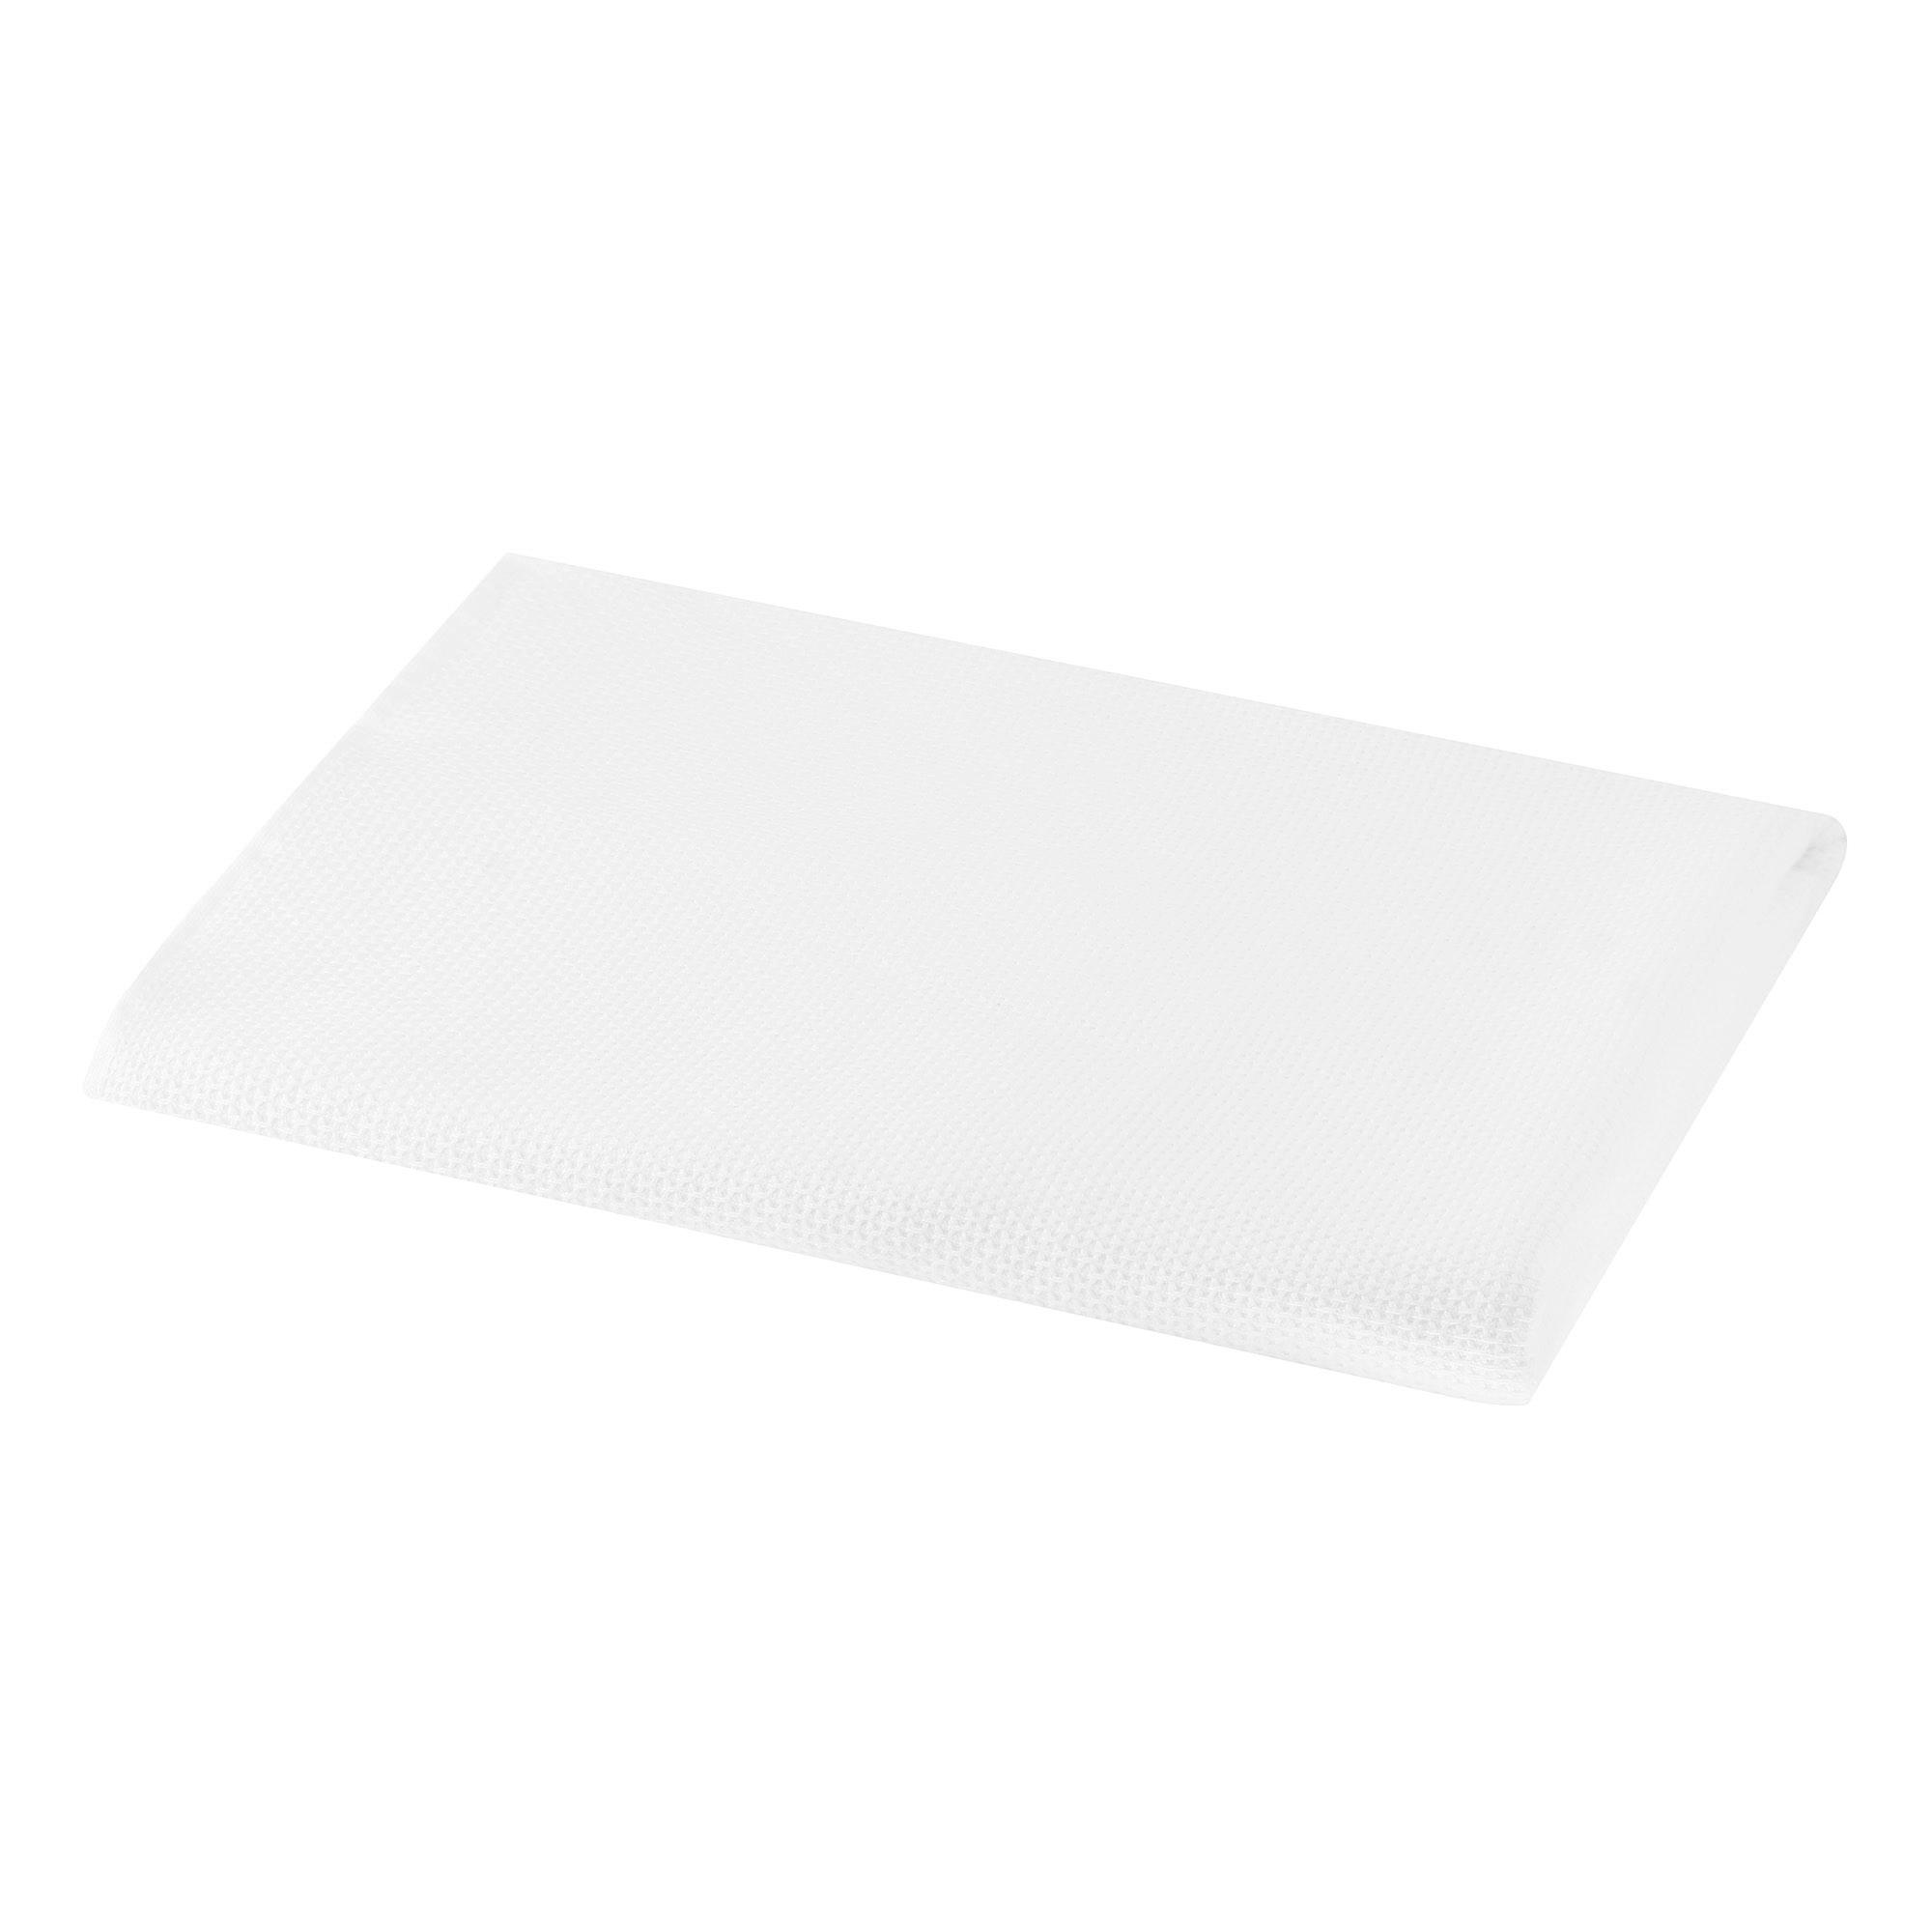 Полотенце двухстороннее Asil 70x140 white.